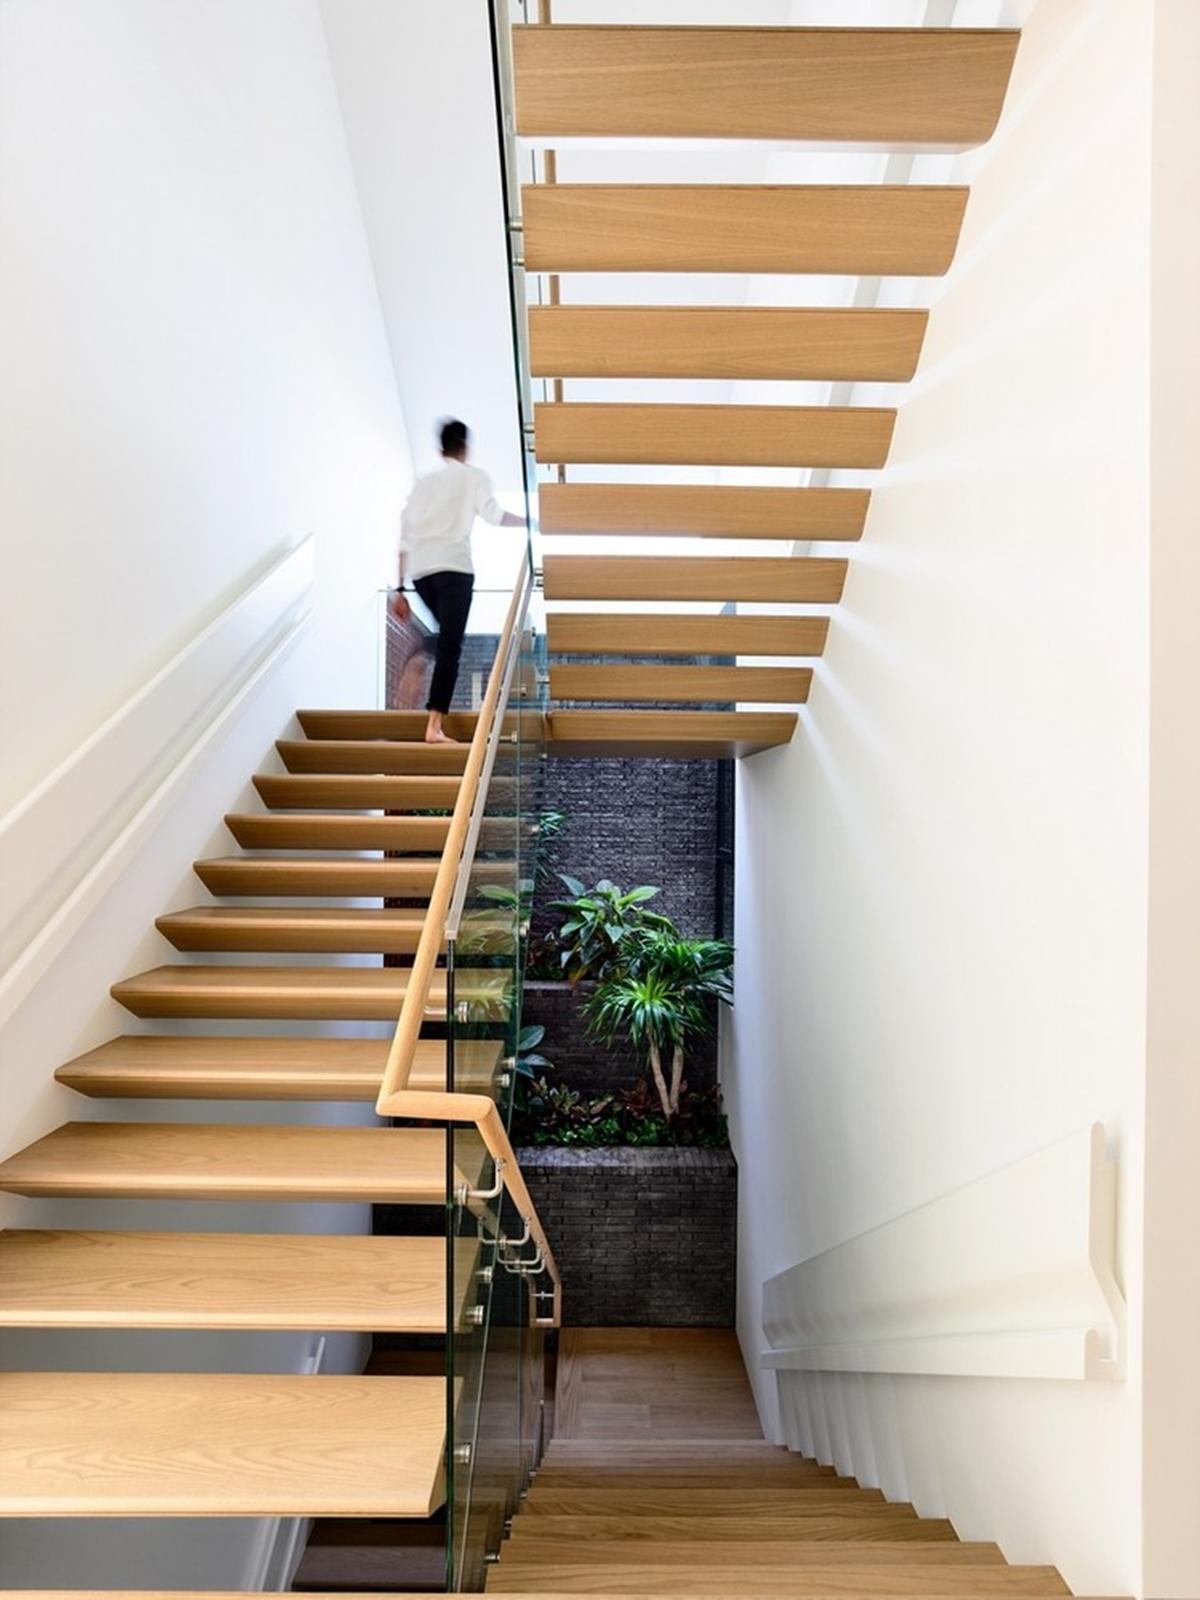 kien viet biet thu voi can phong khong mai hyla architects 17 - Biệt thự với căn phòng không mái | HYLA Architects